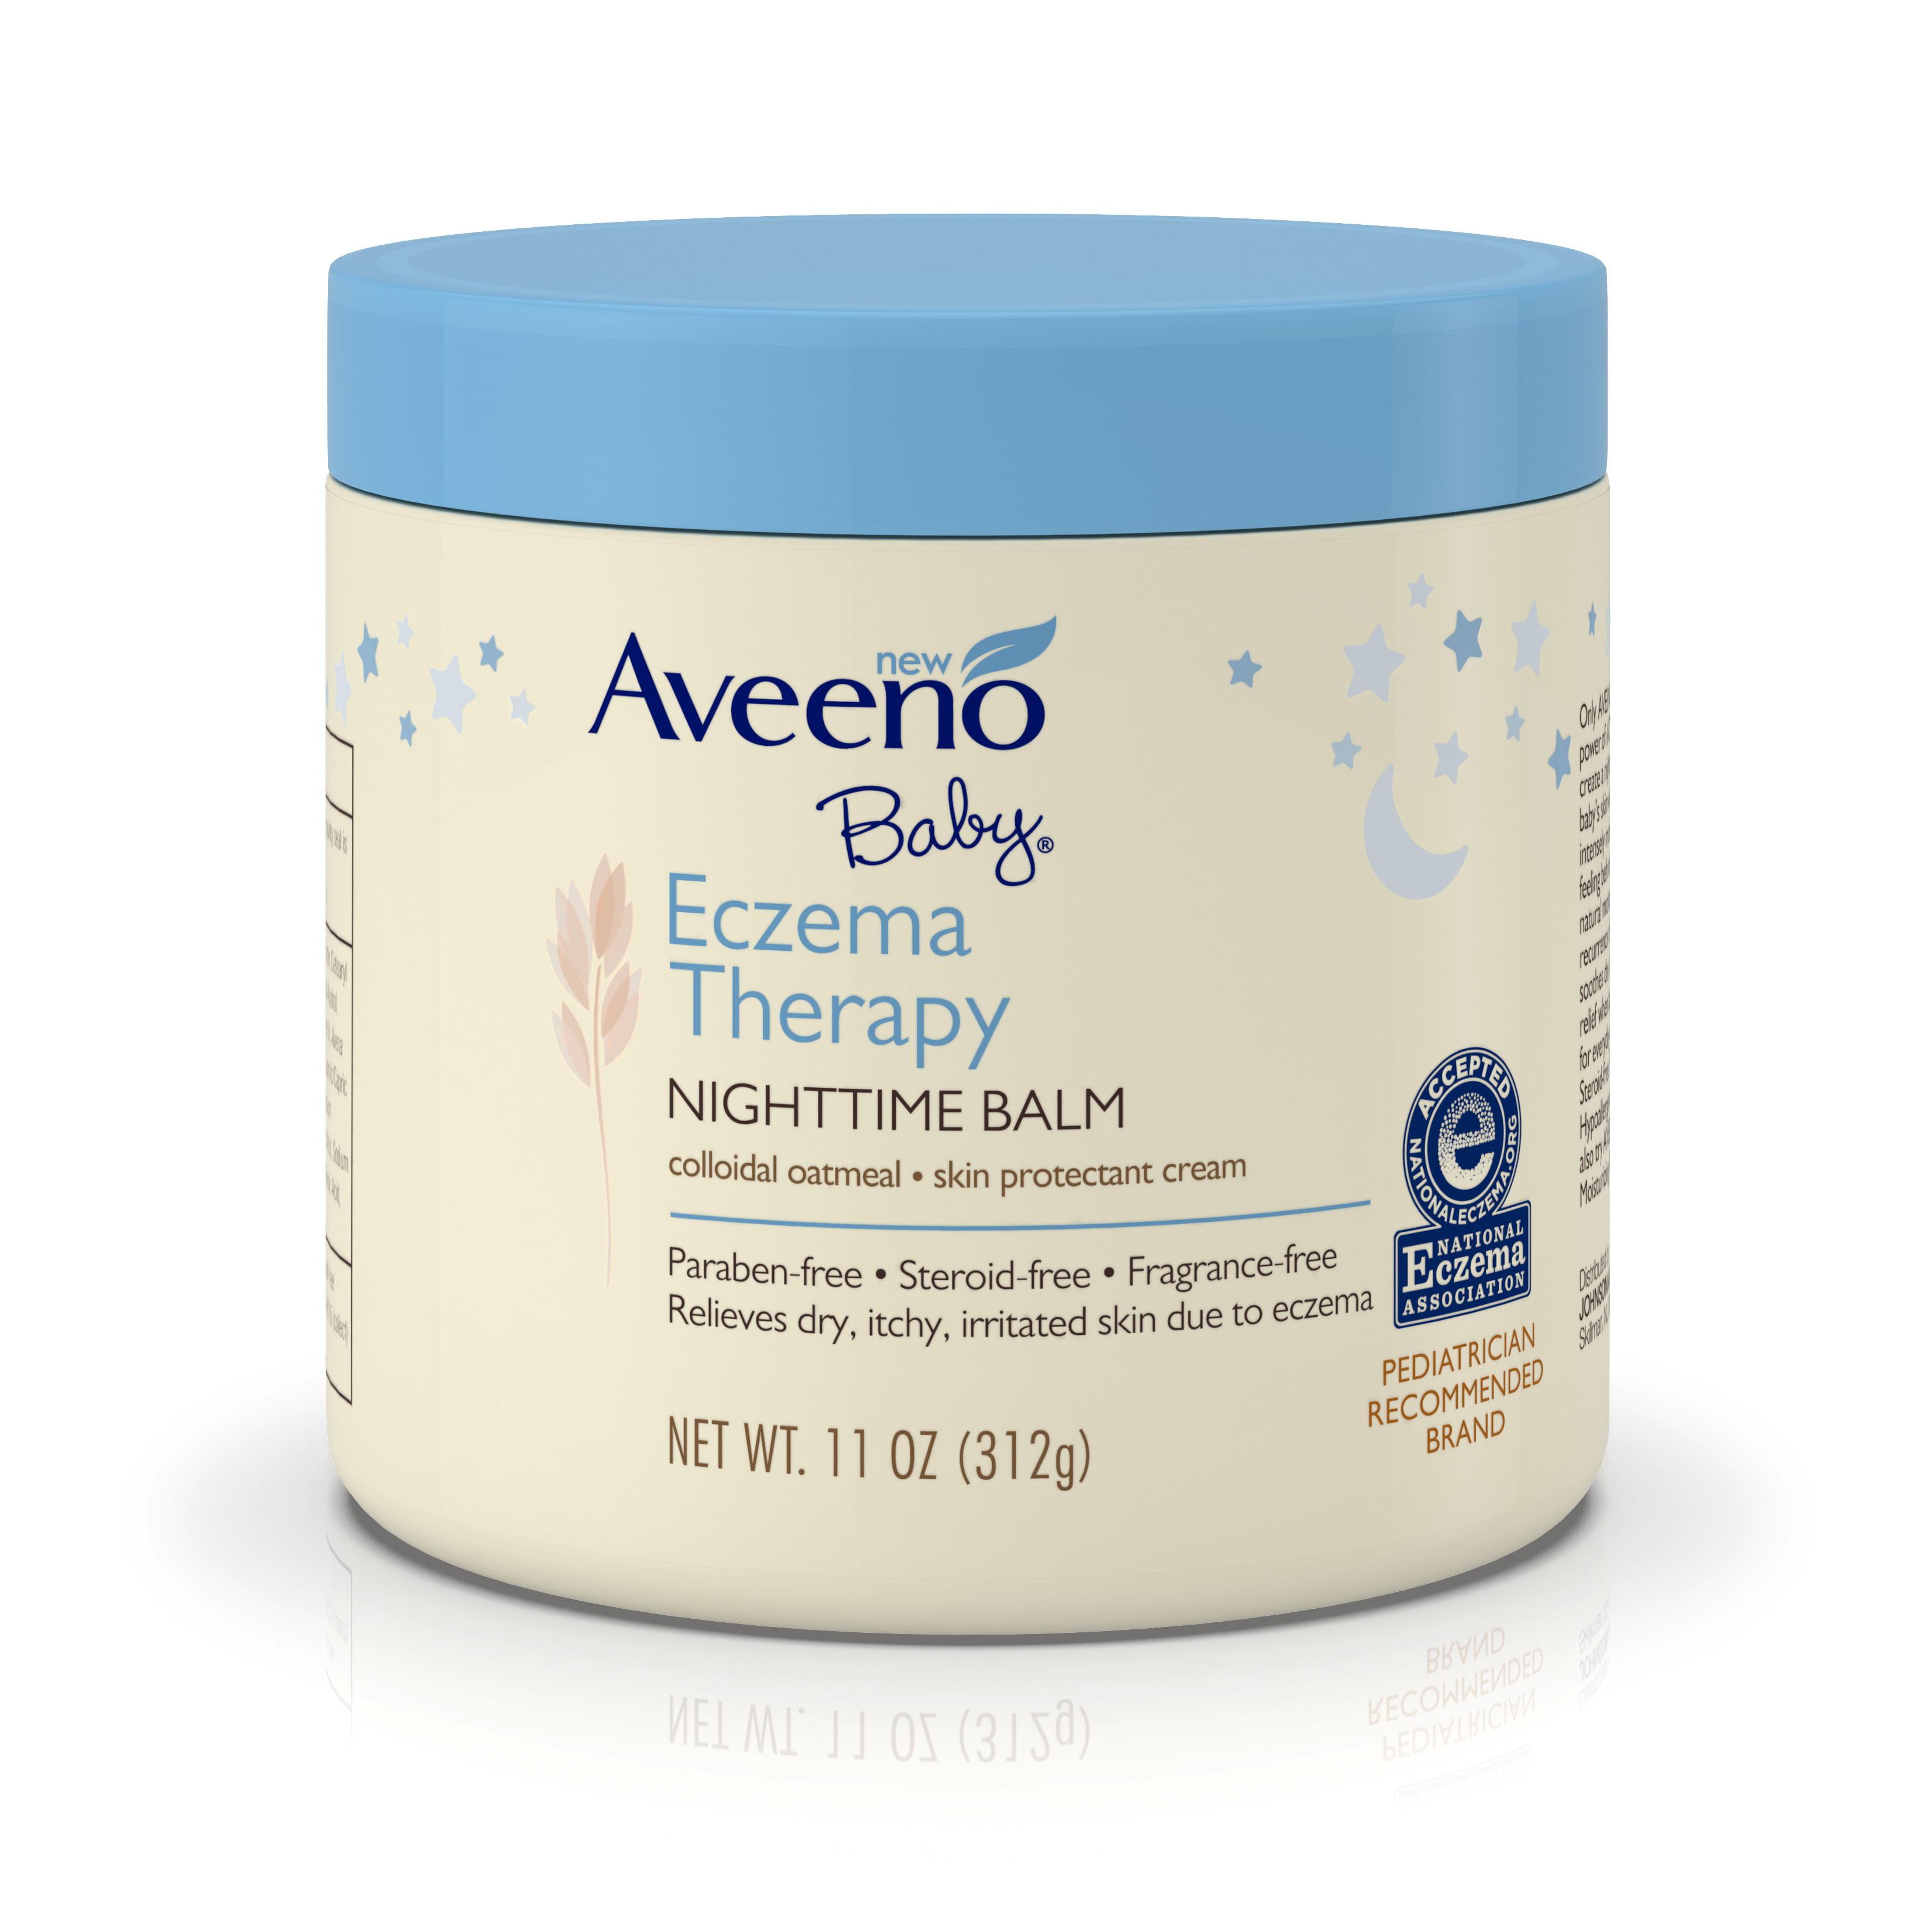 Aveeno Baby Eczema Therapy Nighttime Balm, 11 Oz - Walmart.com